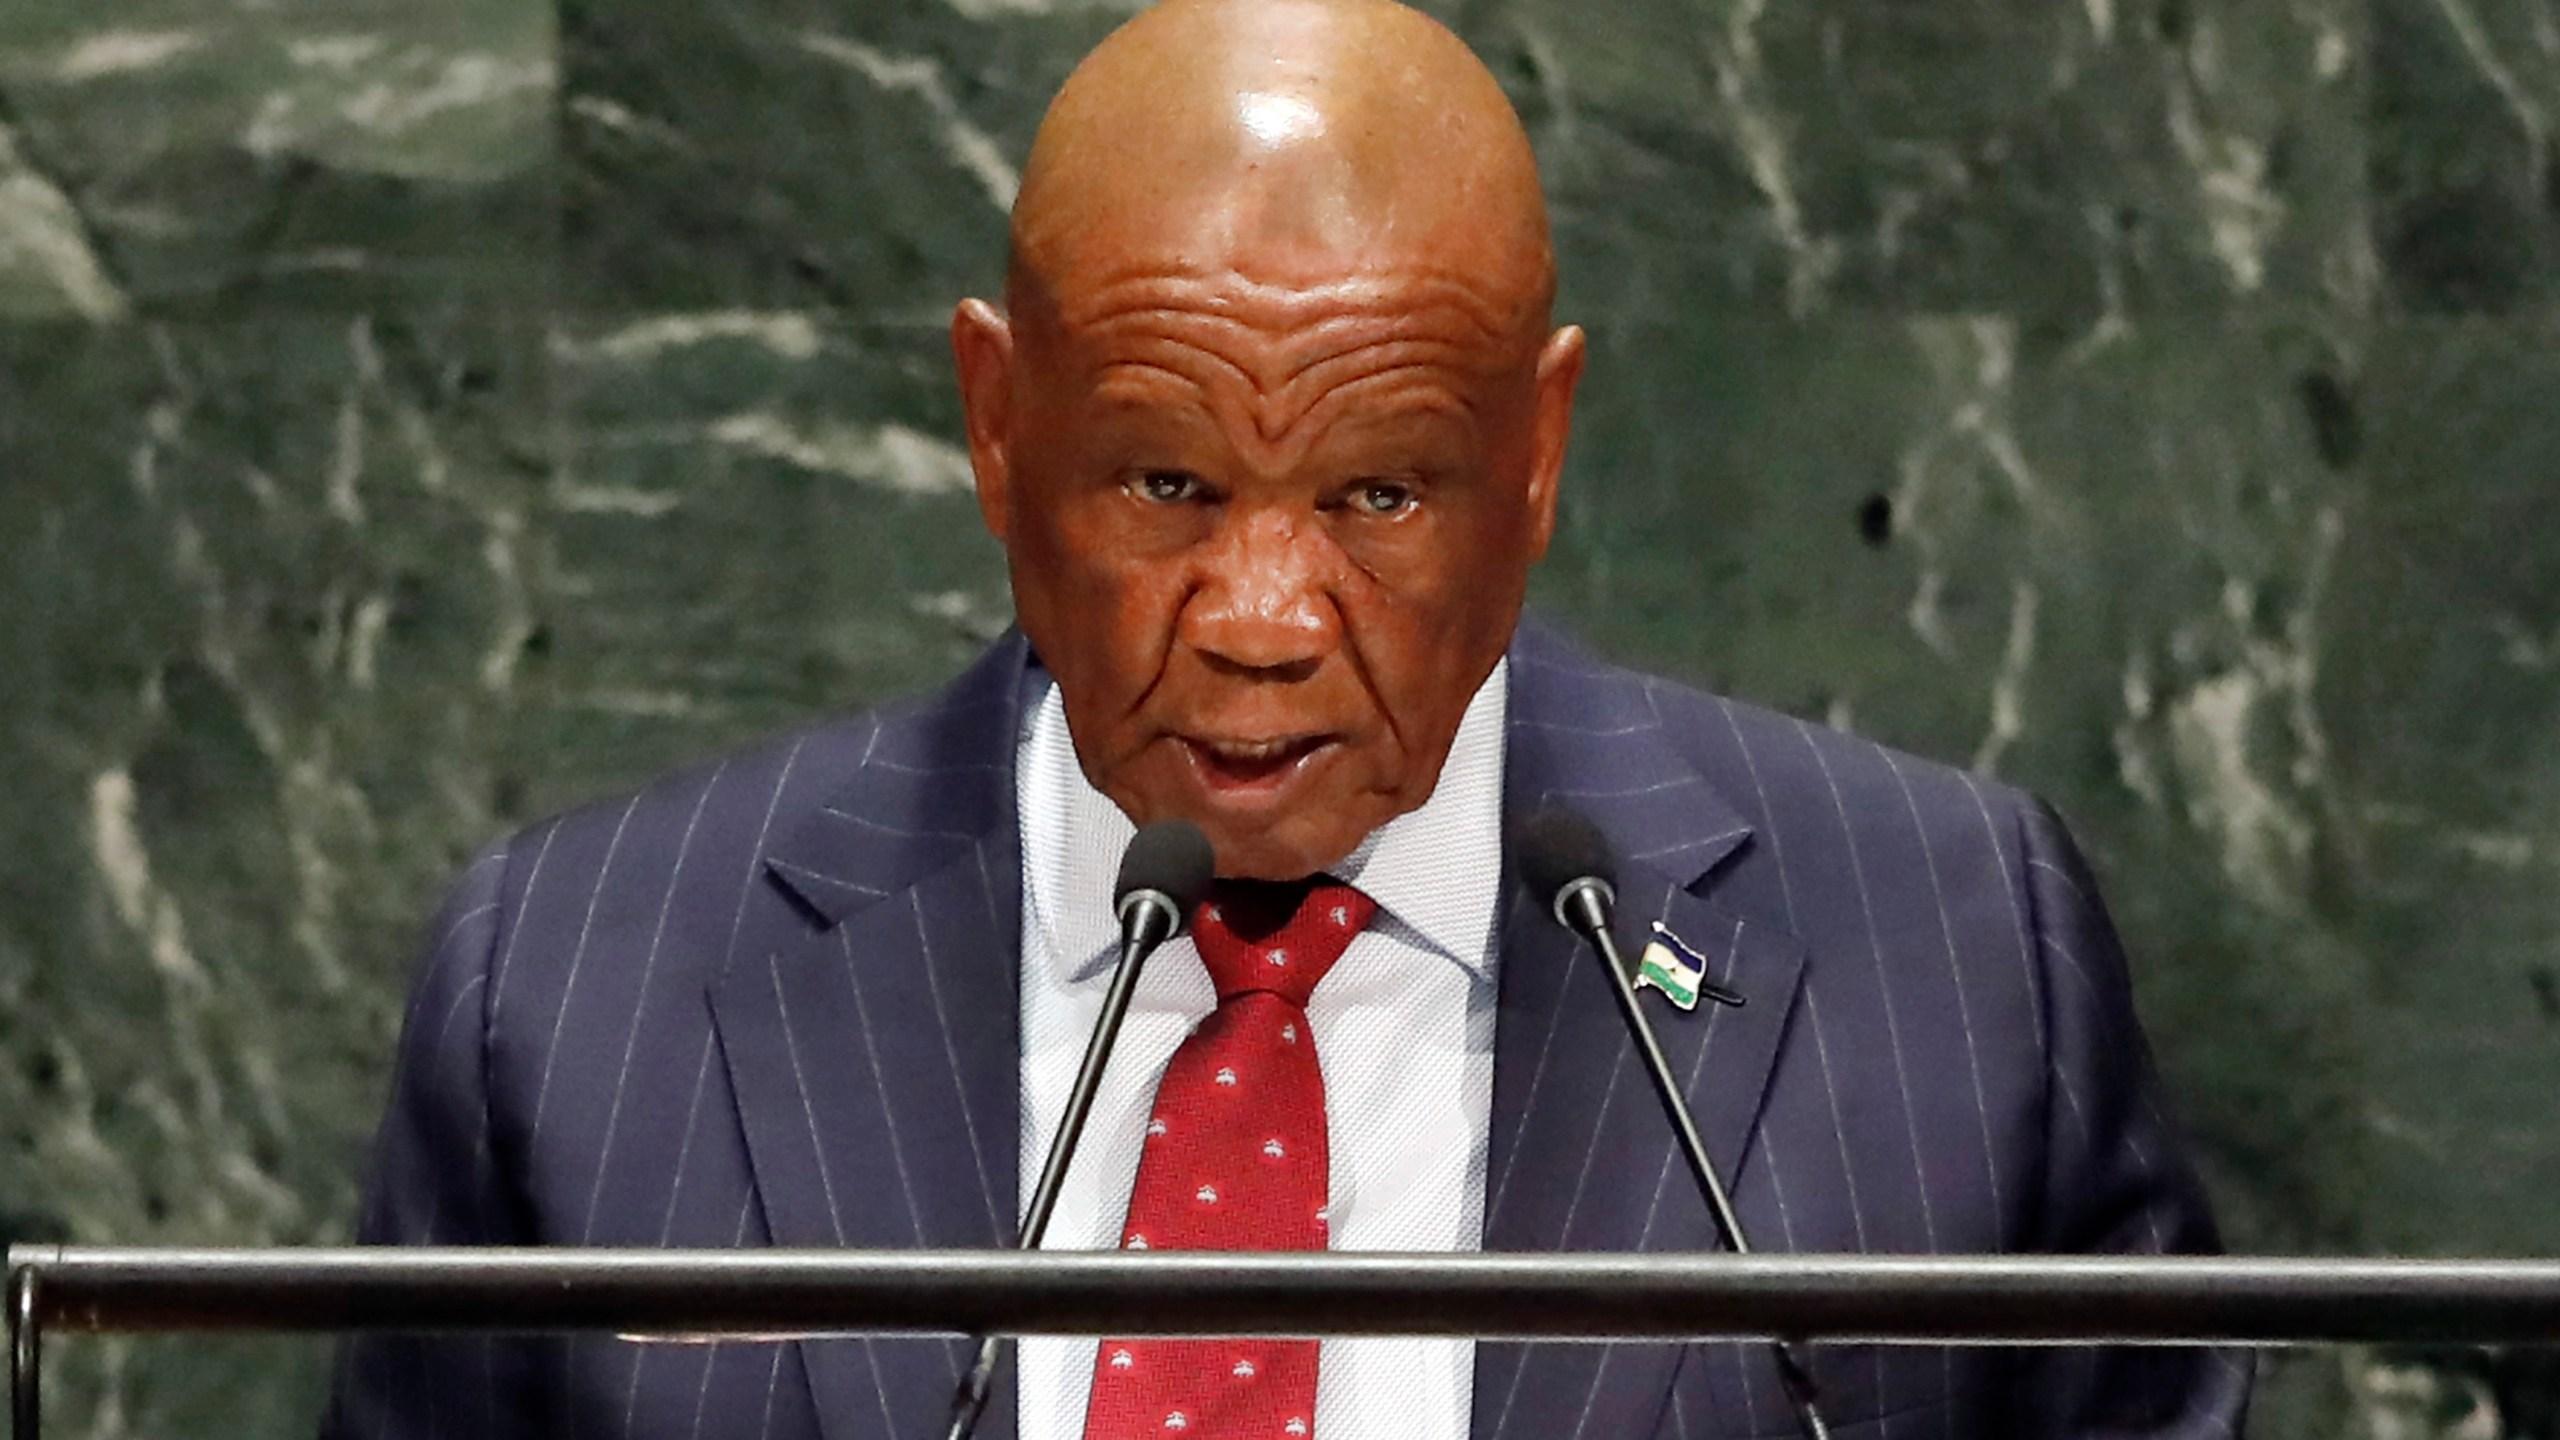 Thomas Motsoahae Thabane